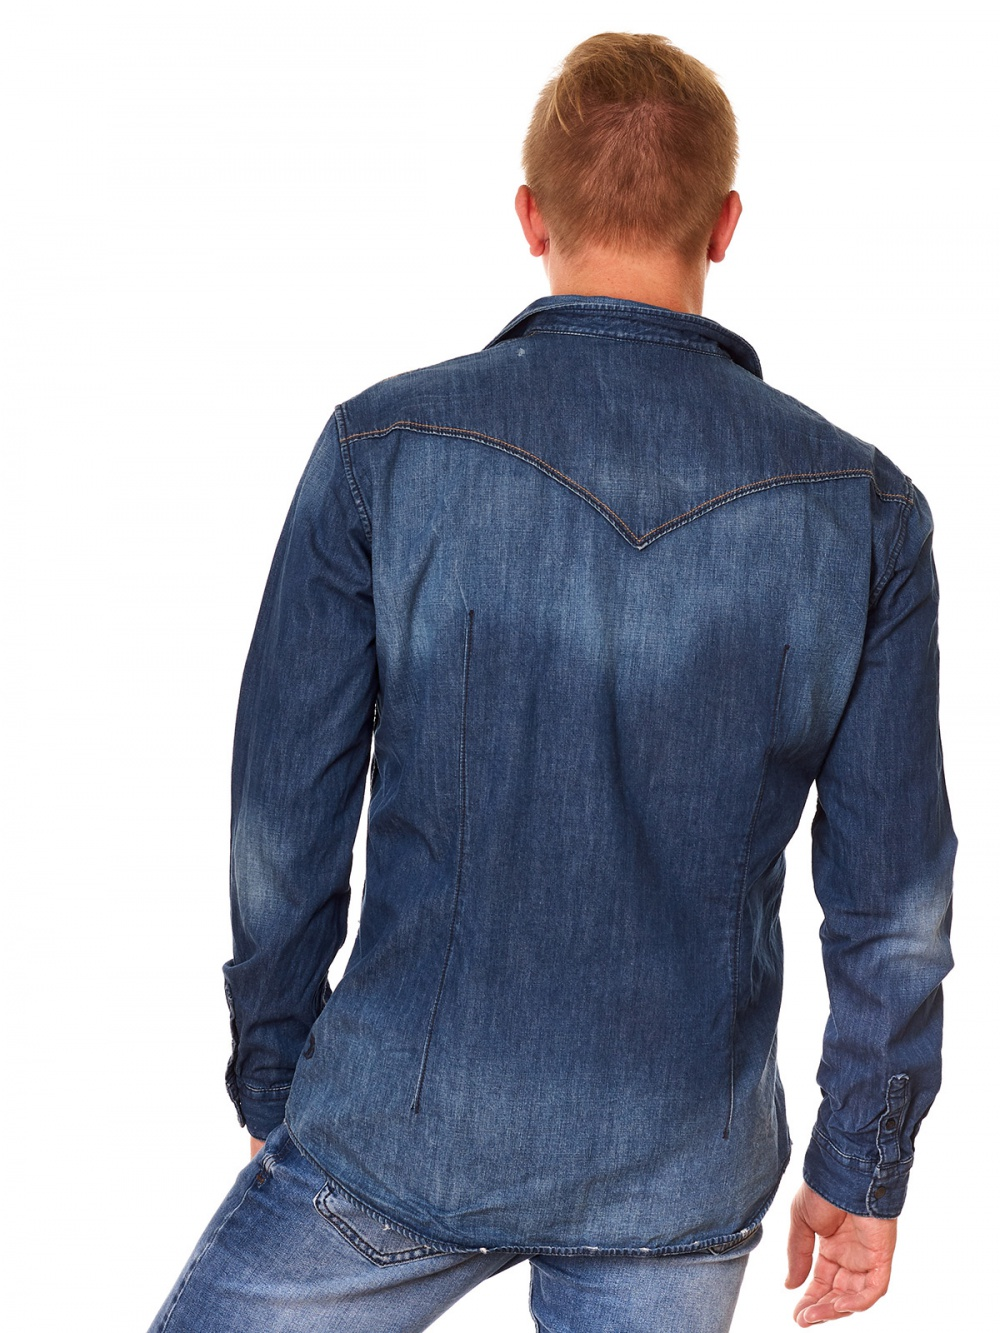 Рубашка TOM TAILOR размер XL на наш скорее M-L